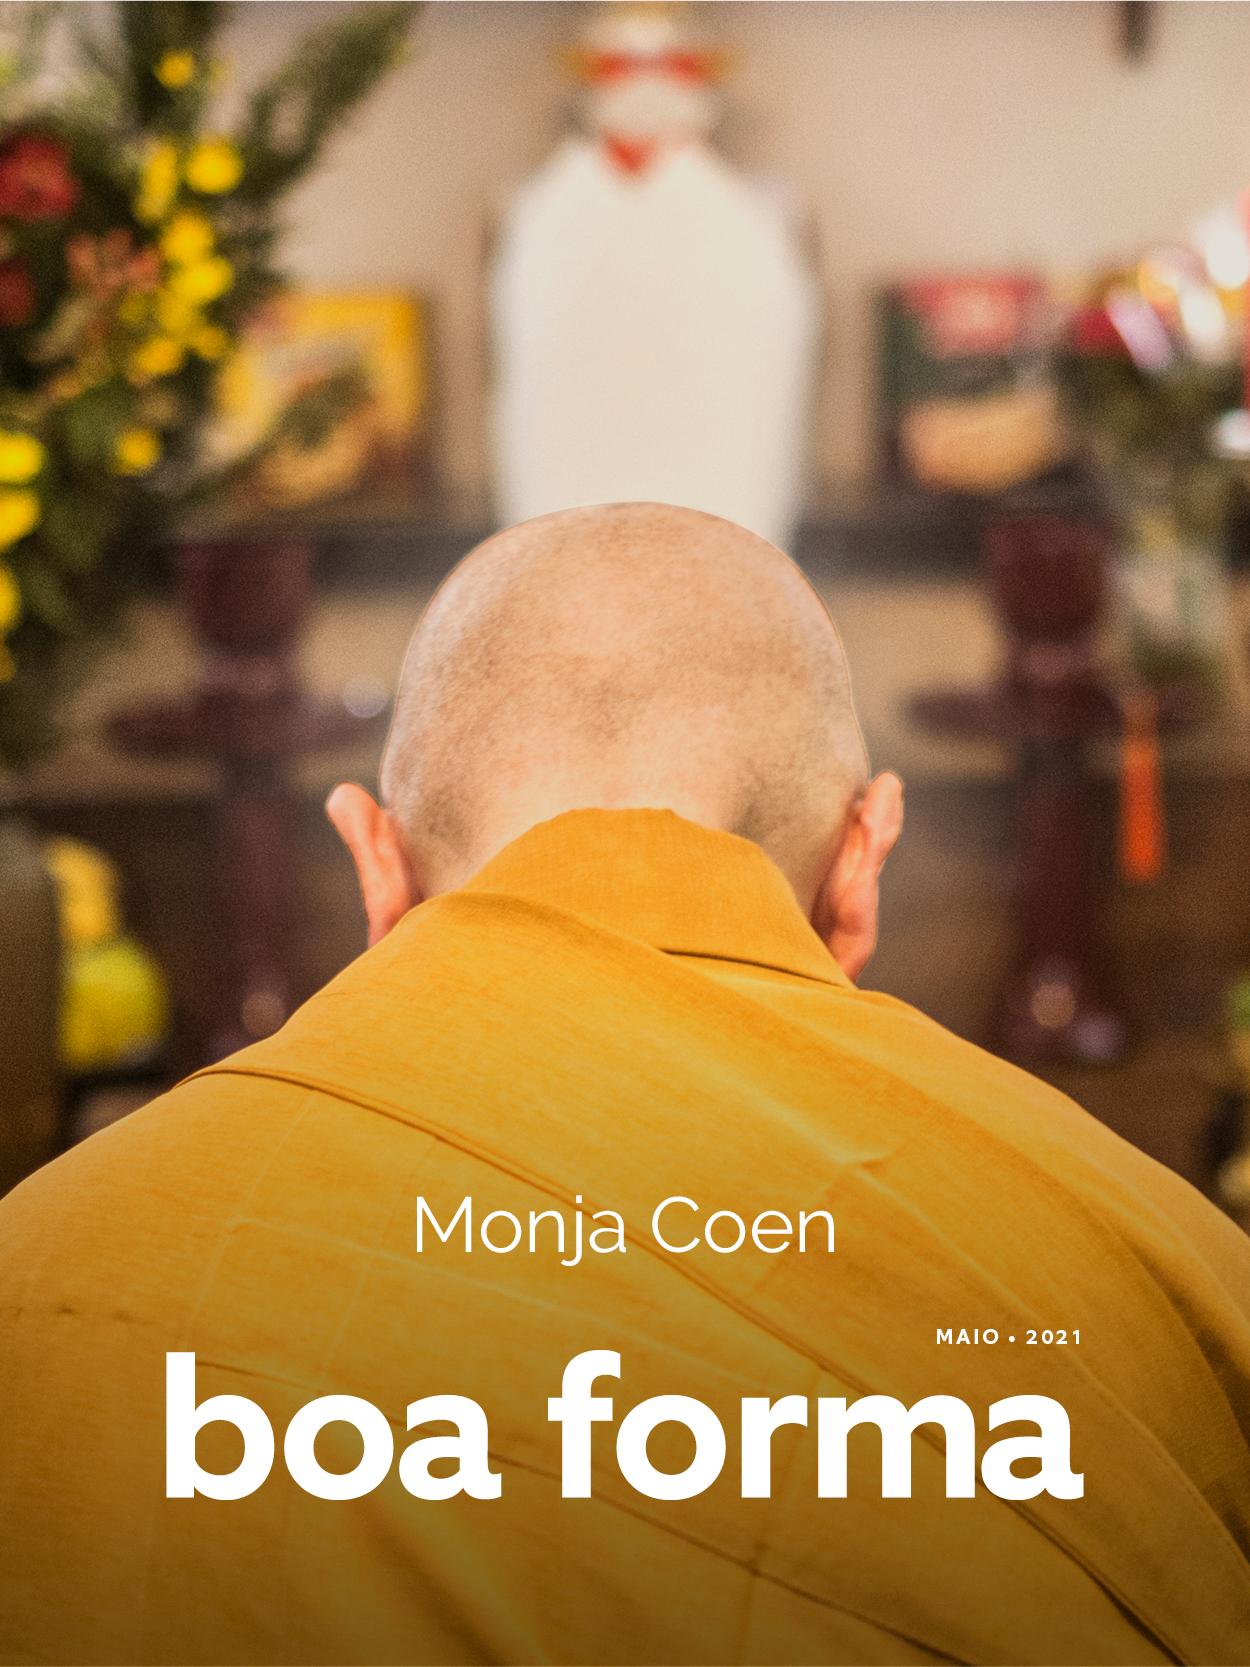 Monja Coen: capa da edição de maio de BOA FORMA